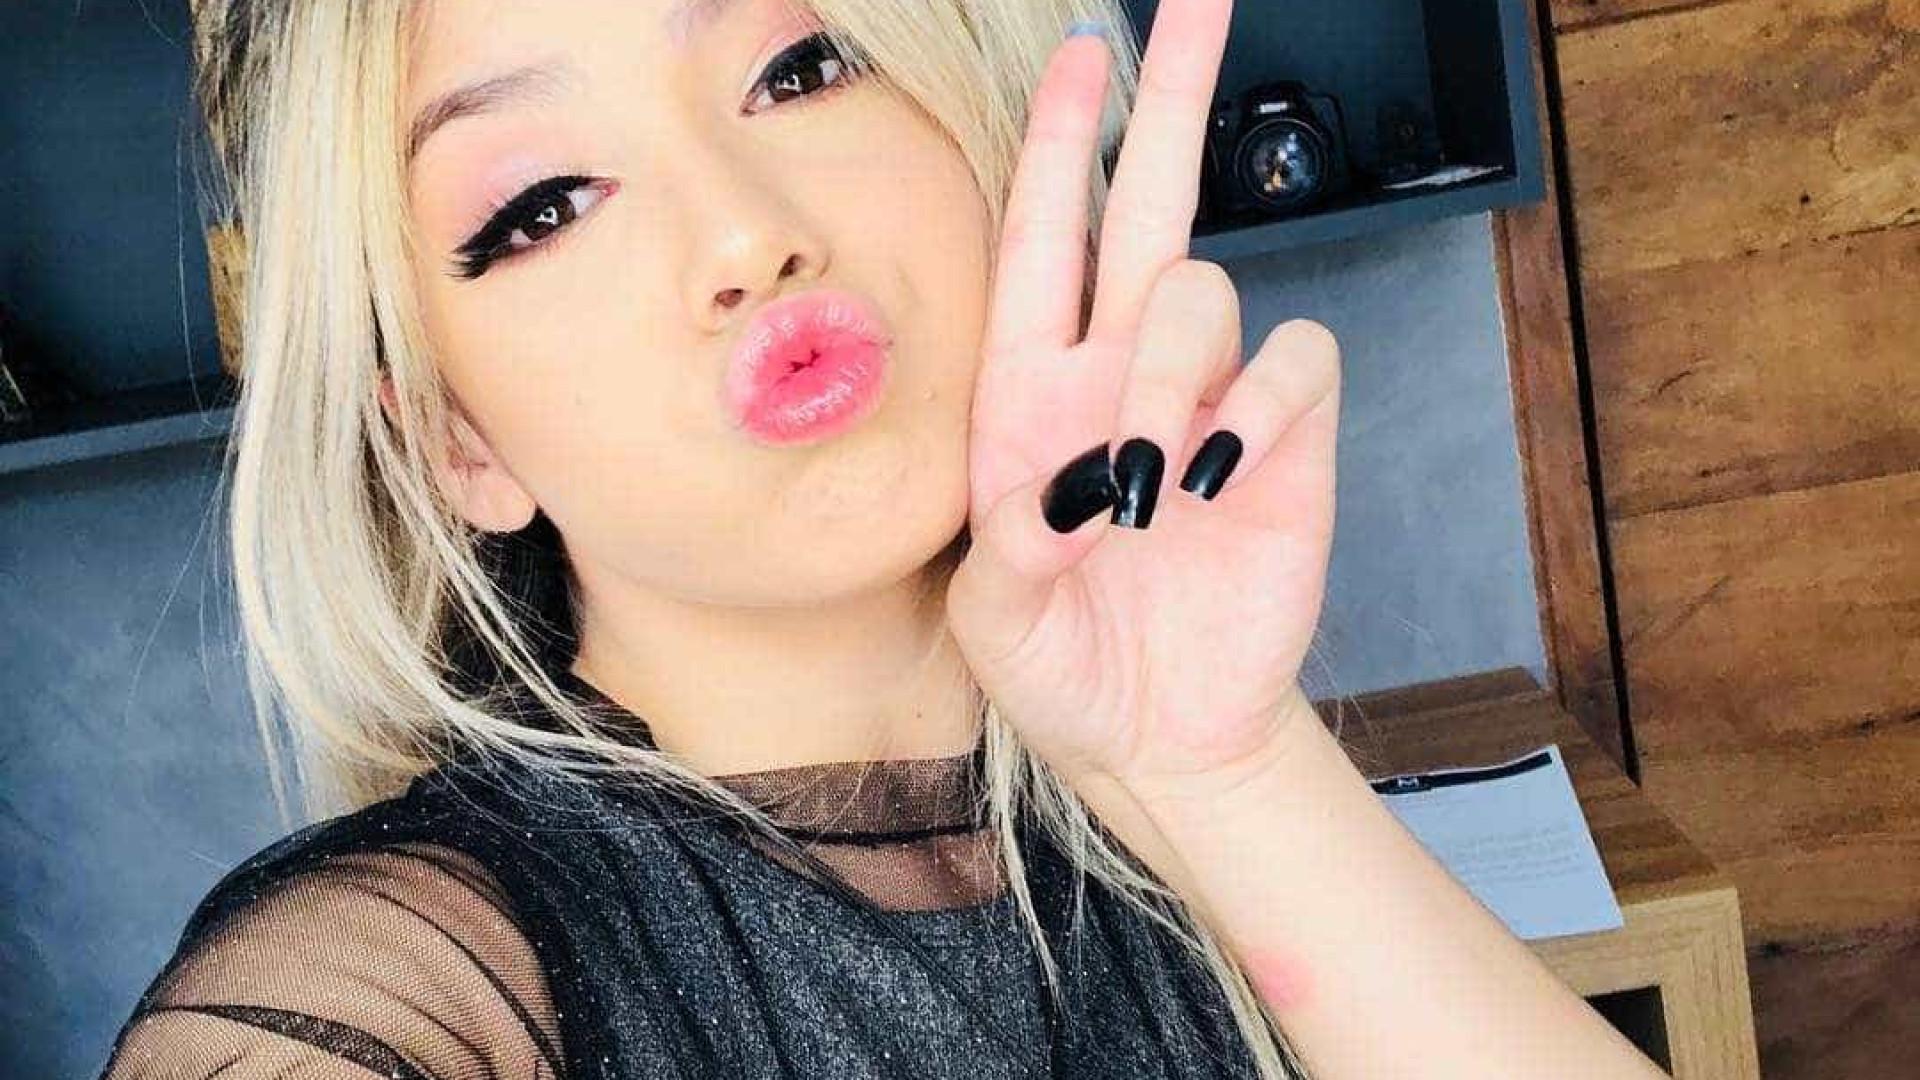 Pai de MC Melody pode perder guarda da filha por exposição na web